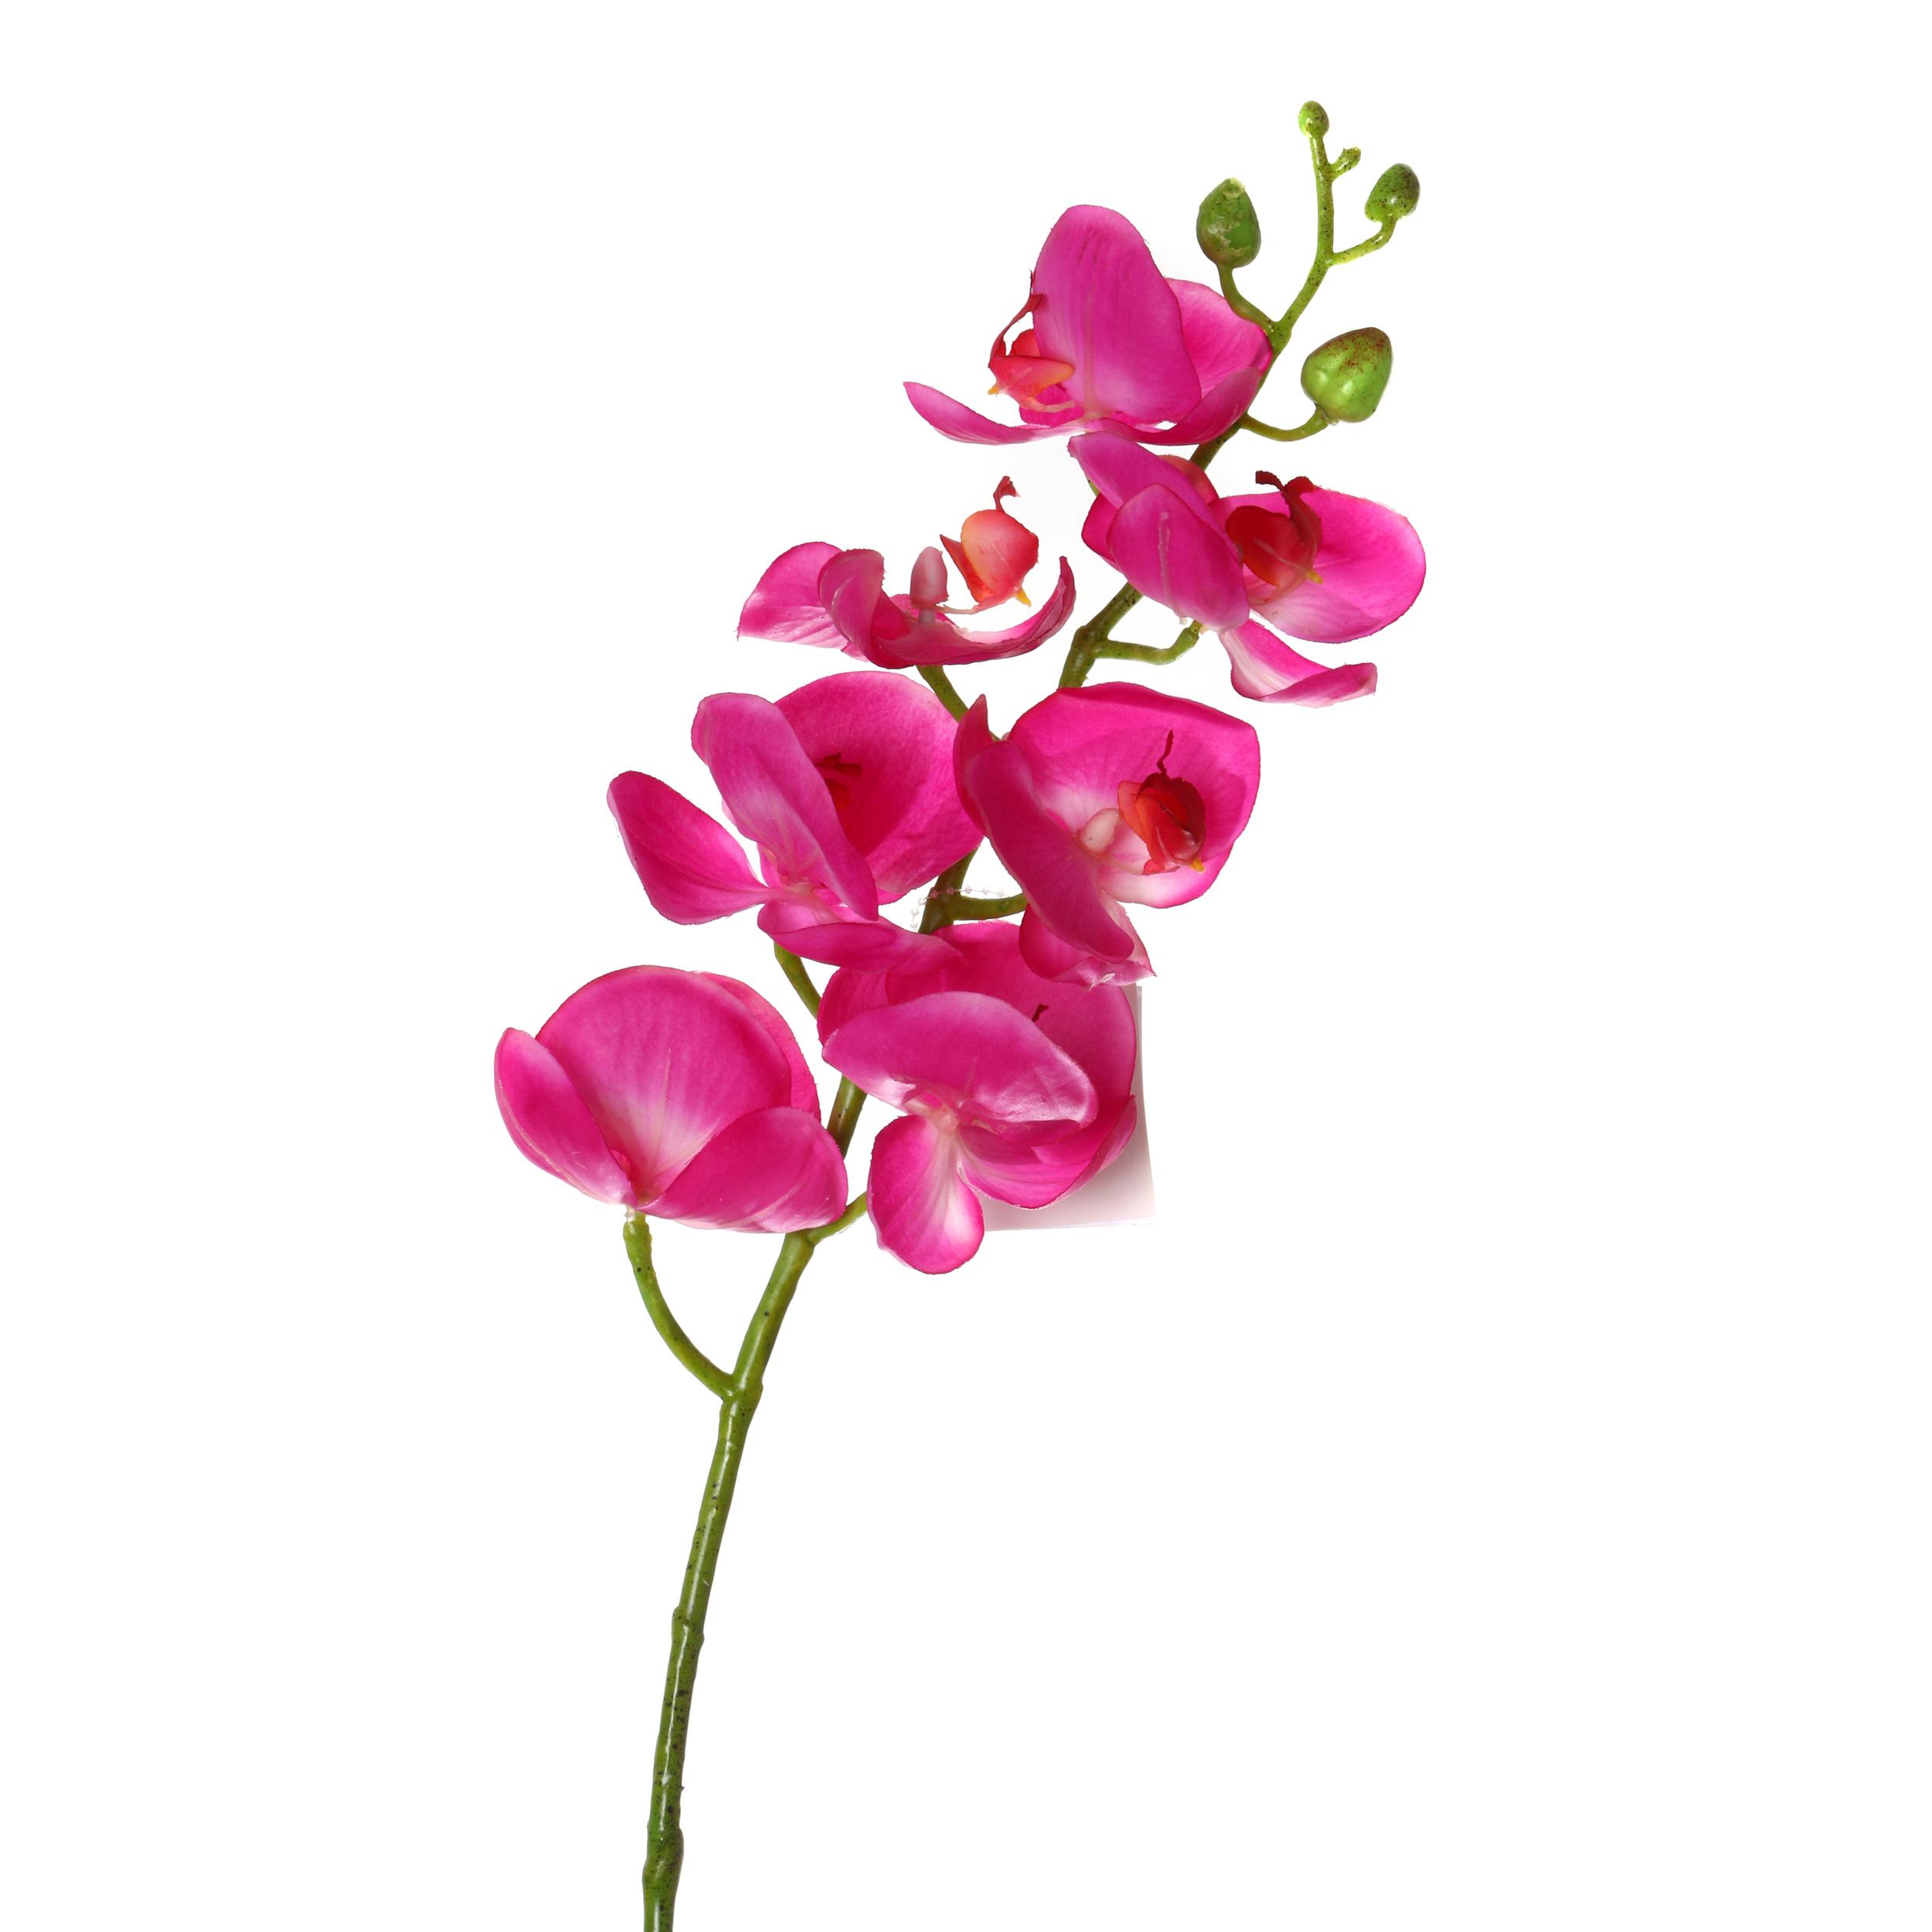 Купить Искусственные растения Arti-M, Искусственный цветок Орхидея (70 см), Китай, Бордовый, Полиэстер